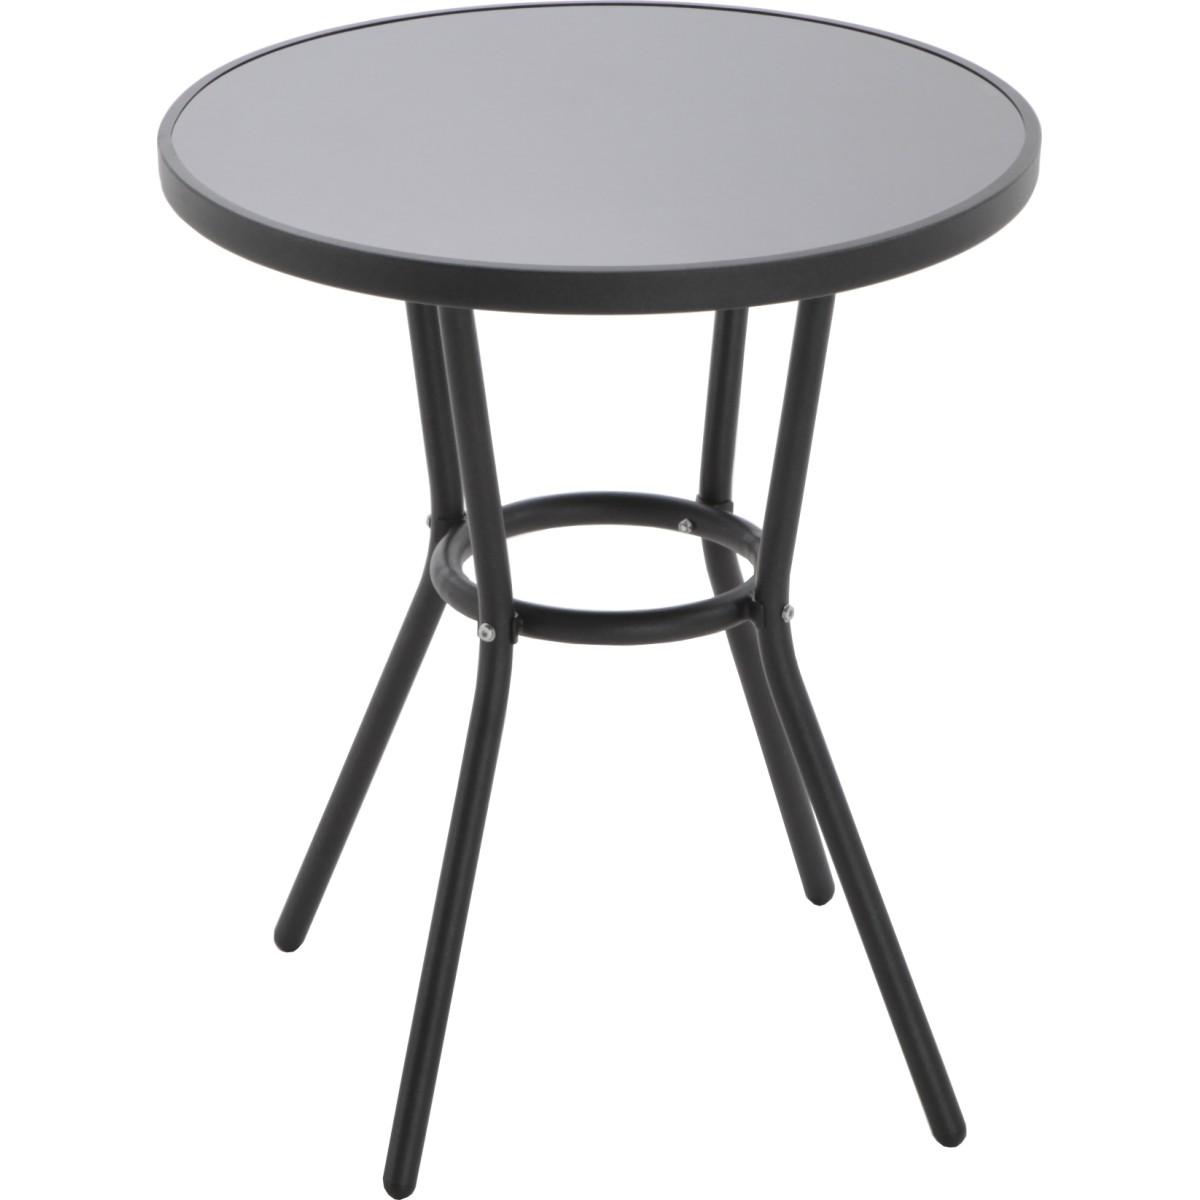 Стол садовый круглый 59.5x59.5x70 см металл/стекло черный